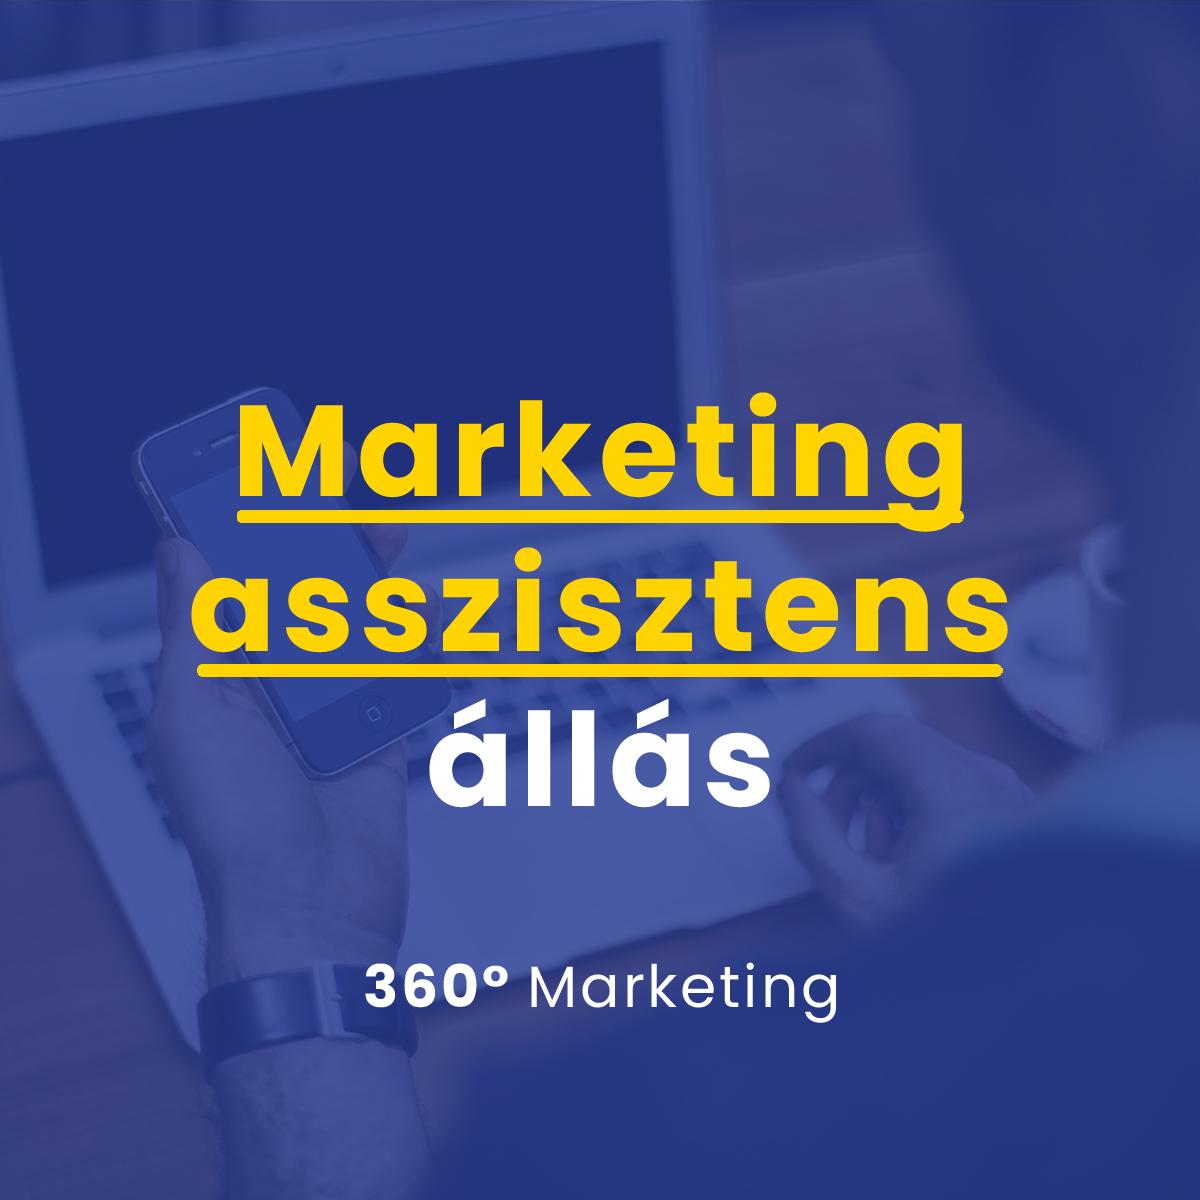 Marketing asszisztens állás